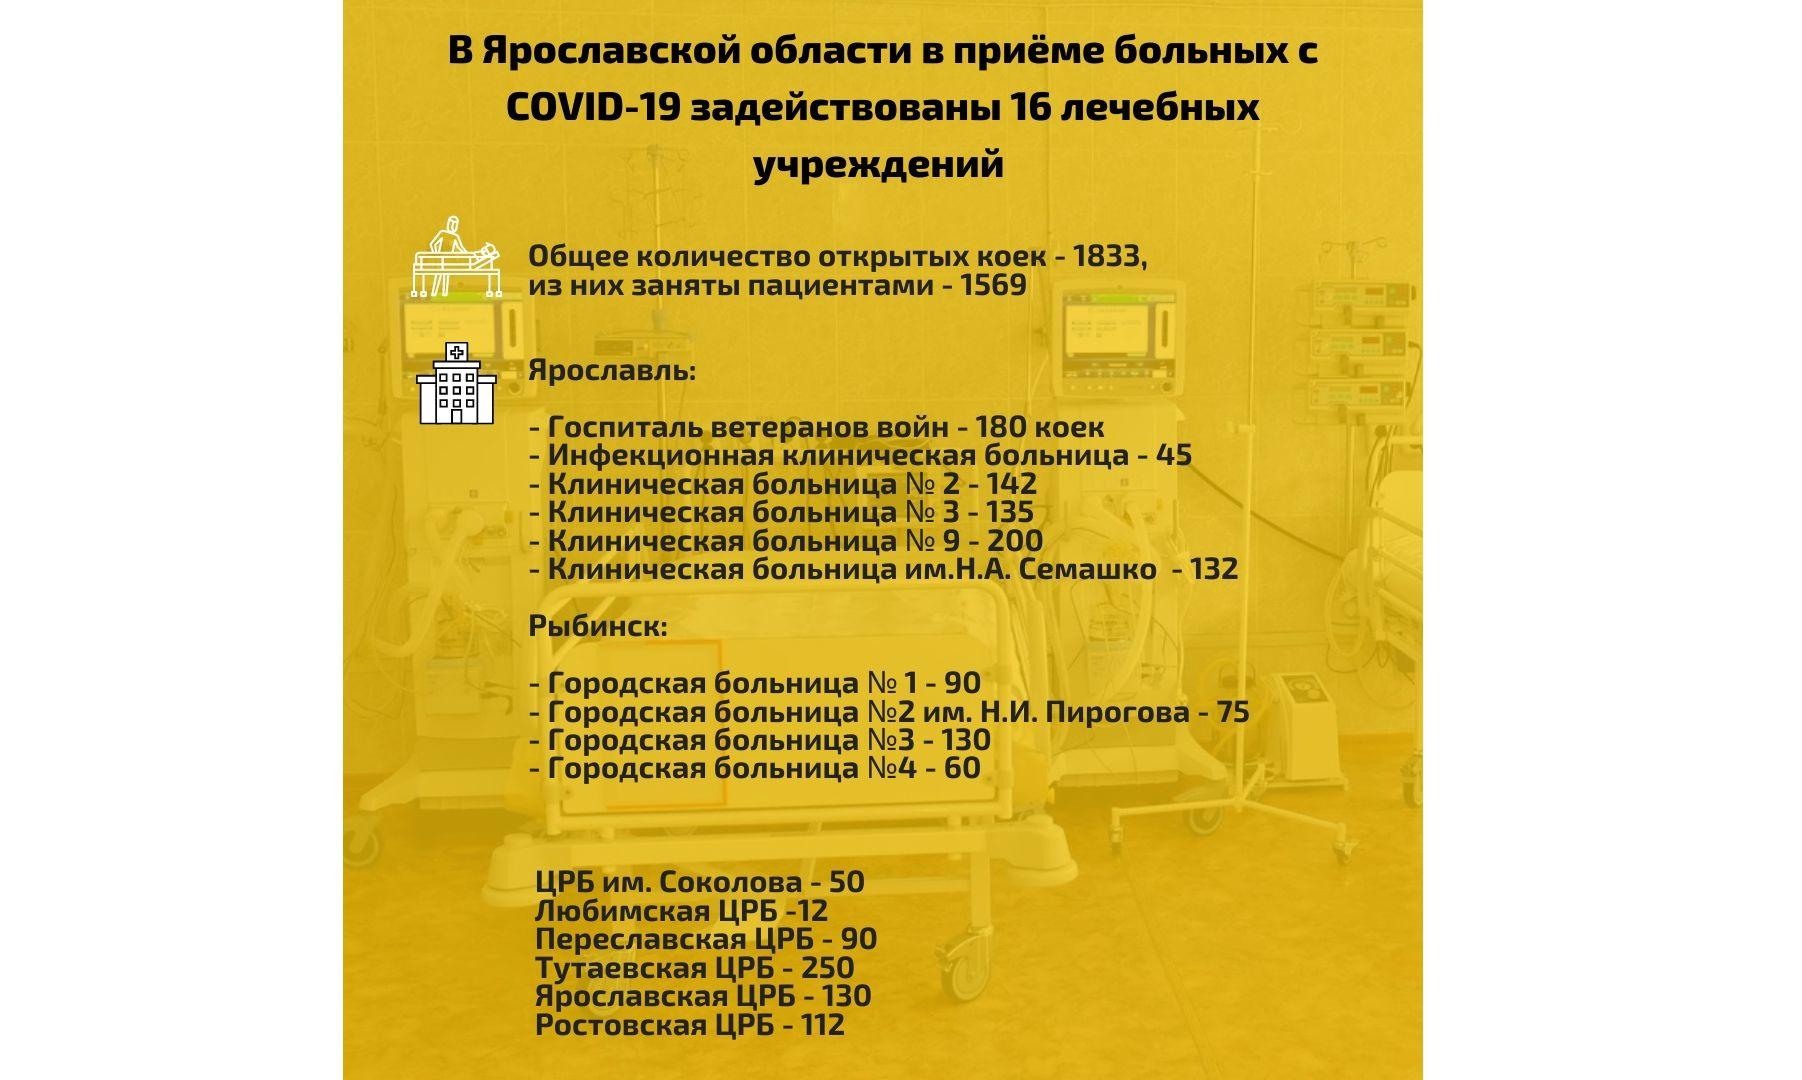 В Ярославской области увеличилось число больниц, принимающих пациентов с ковидом